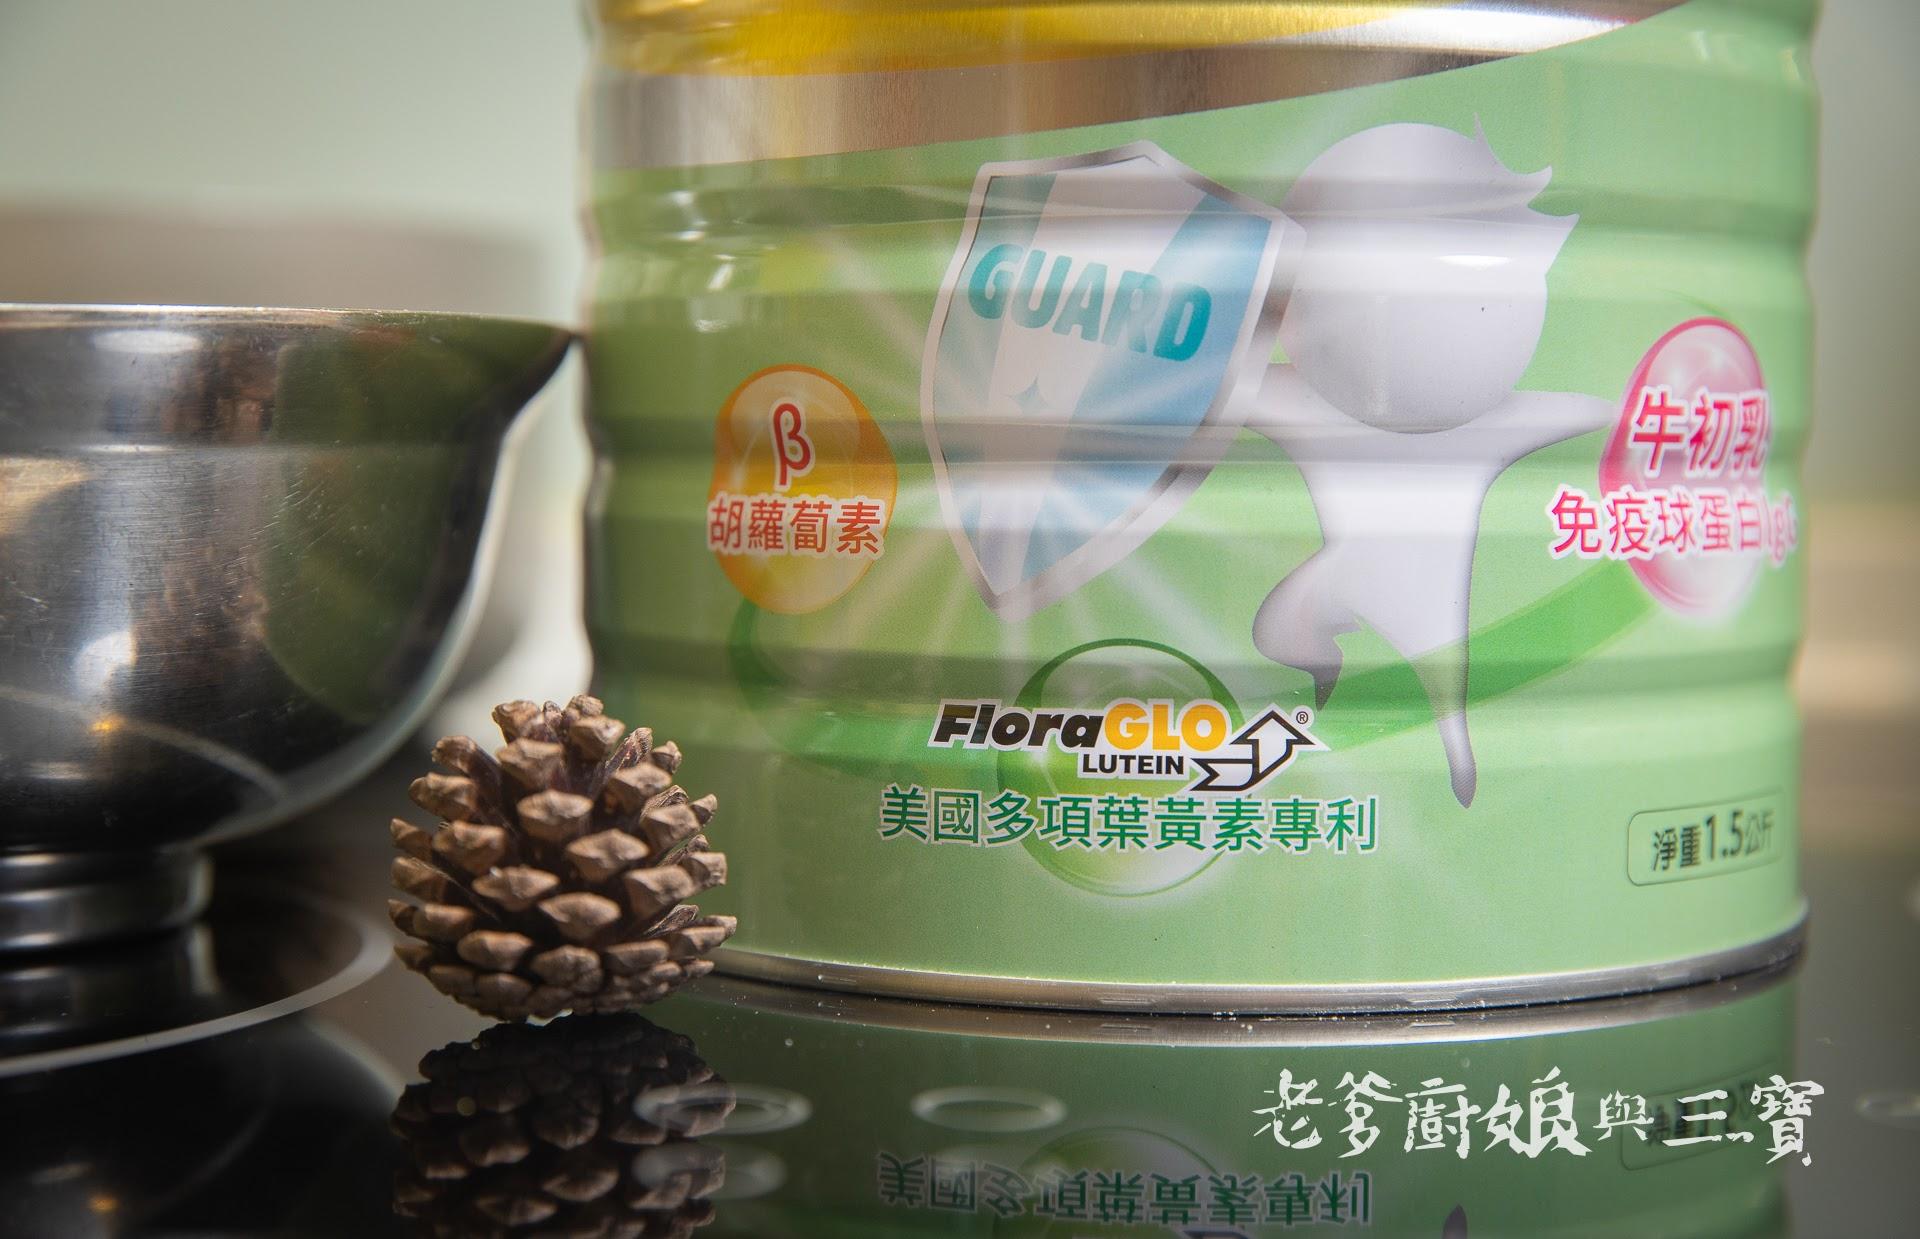 本來就是紅牛家族的我們,歡迎新夥伴喔!【紅牛】康健奶粉-金盞花萃取物(含葉黃素)初乳配方/益生菌初乳配方